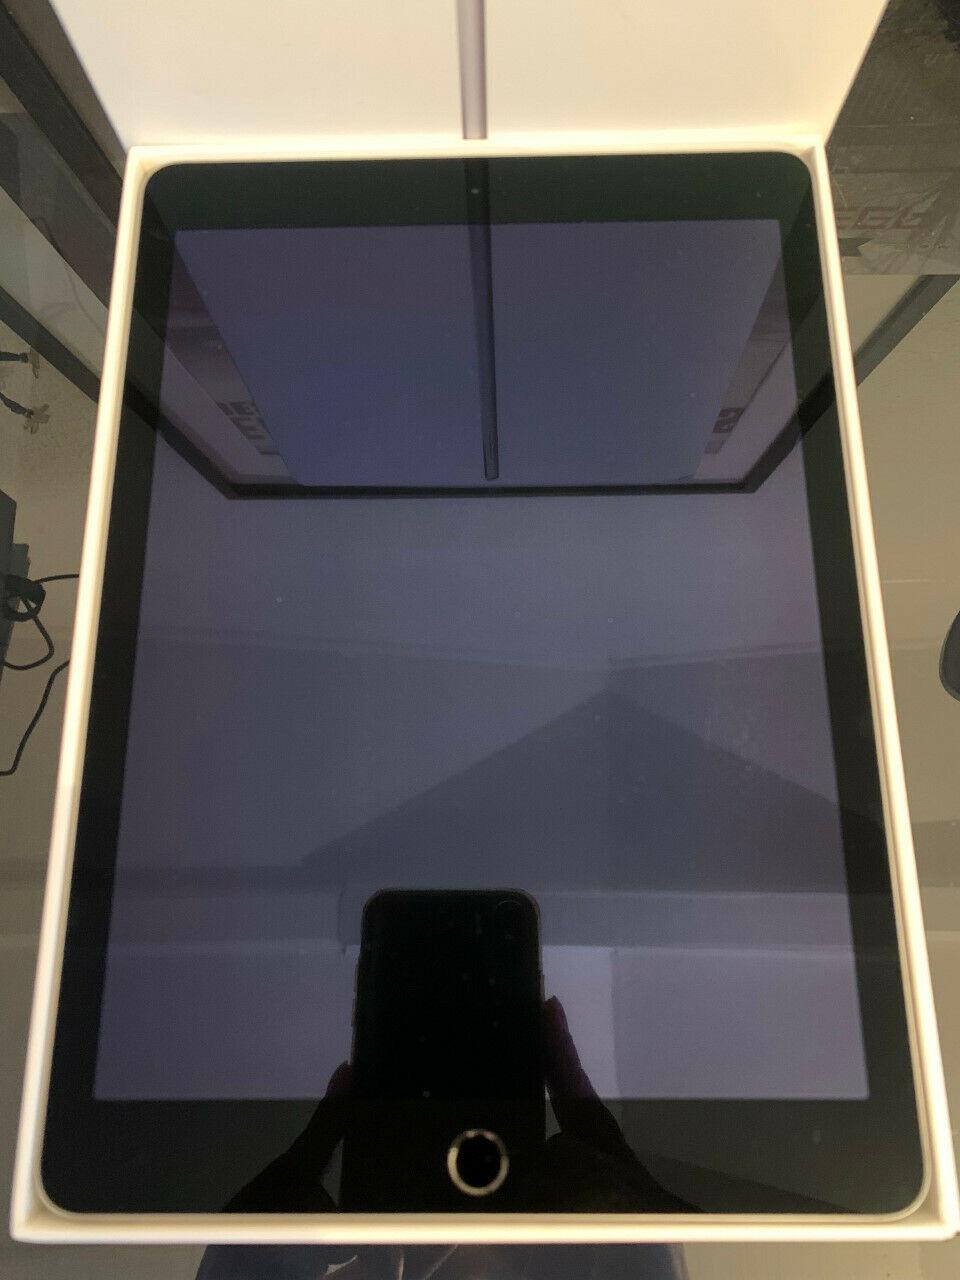 Apple ipad air 2 9.7'' (a1566) 64 go wi-fi tablette - gris sidéral